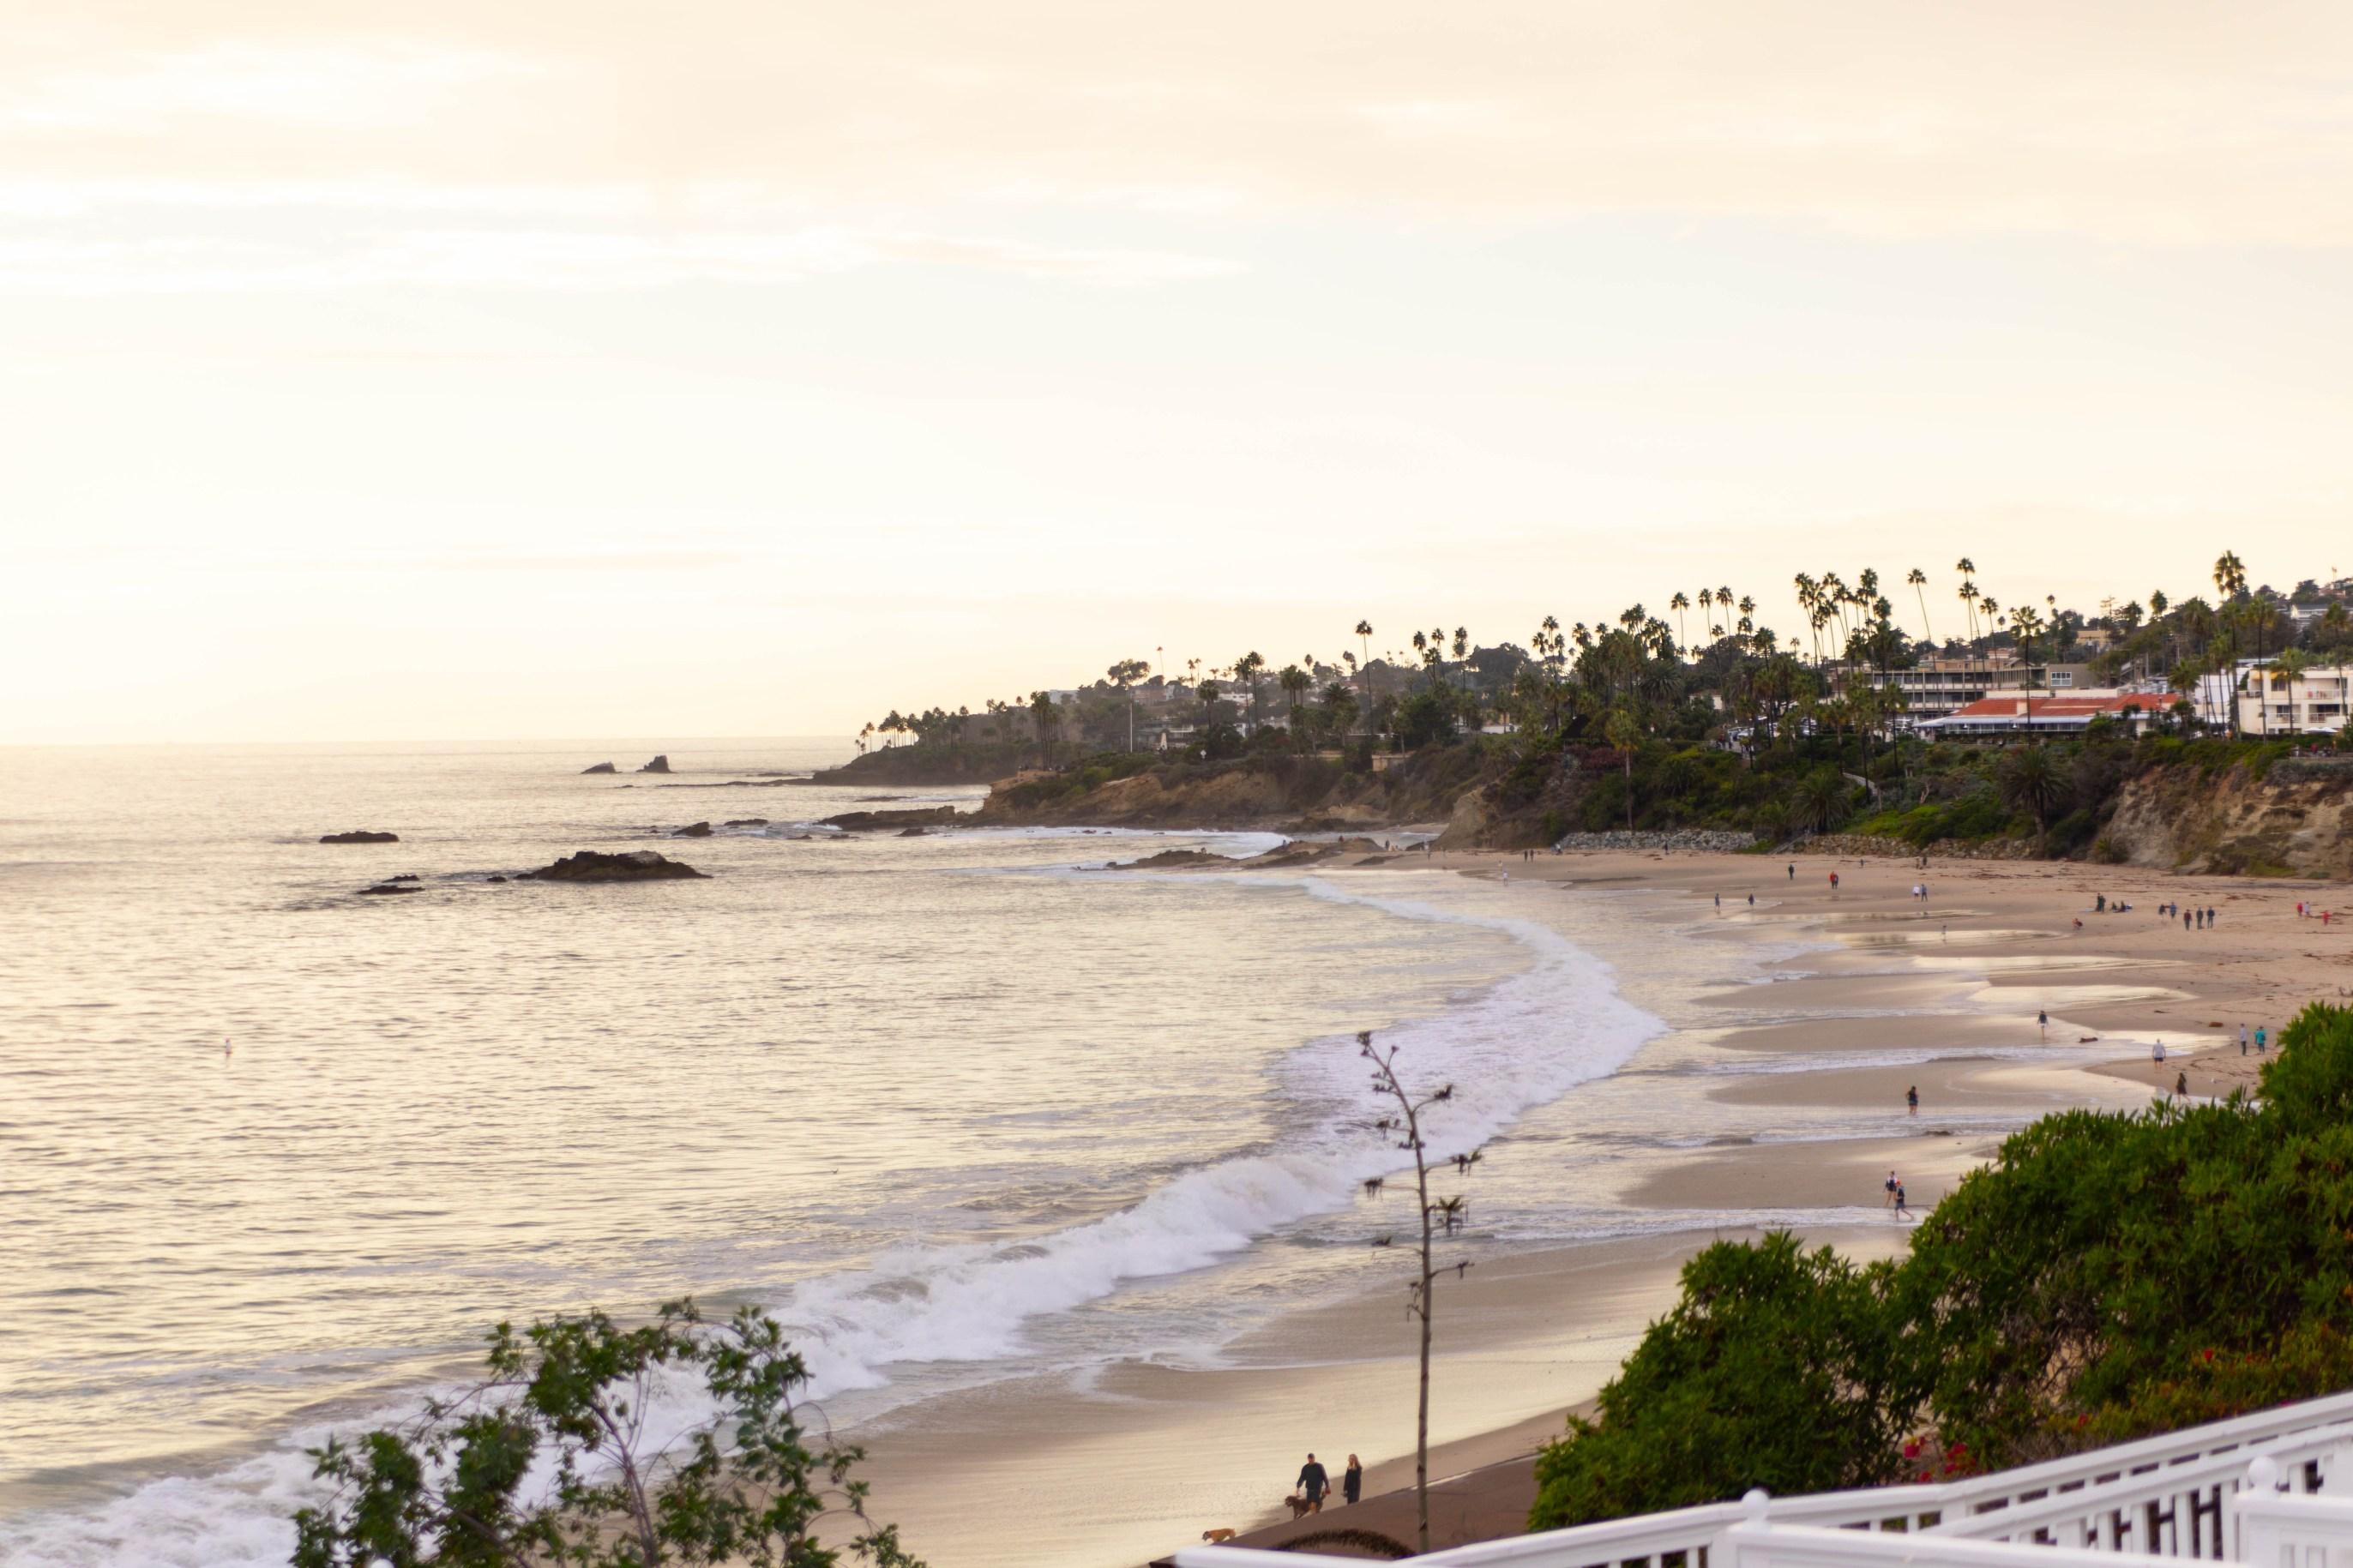 Luxury Restaurants of the World: The Cliffs in Laguna Beach